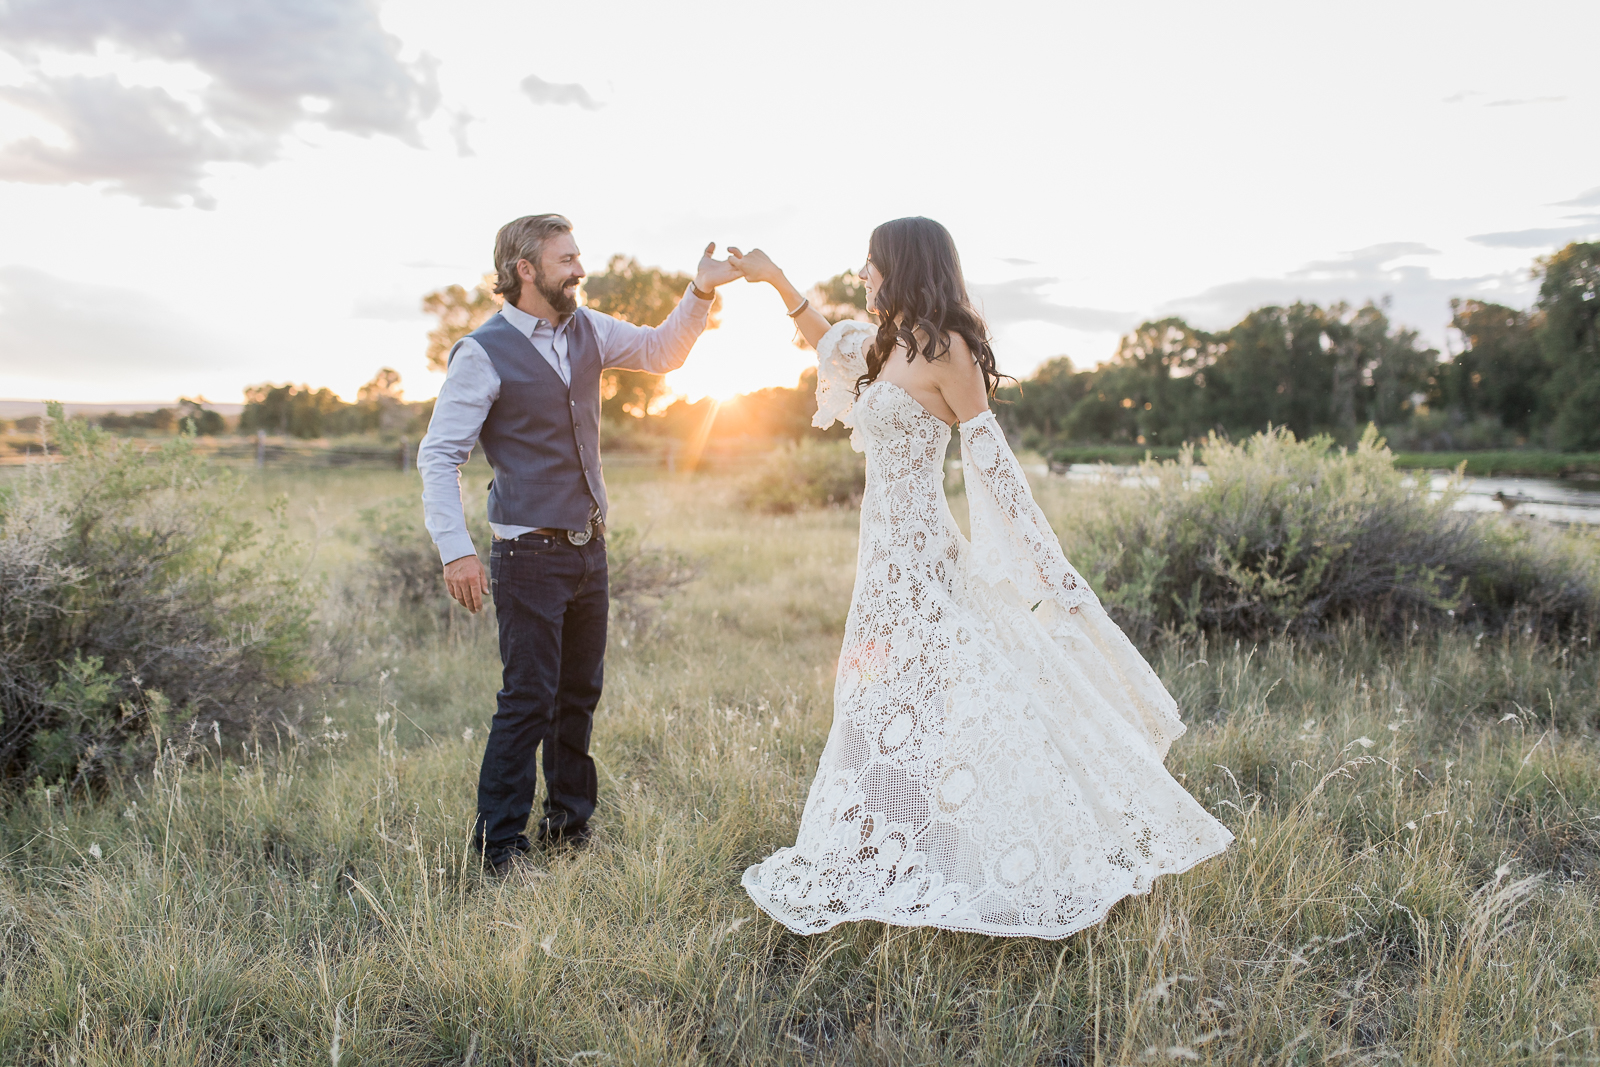 Boho Wedding in Sarataoga, WY by Laramie based photographer, Megan Lee Photography